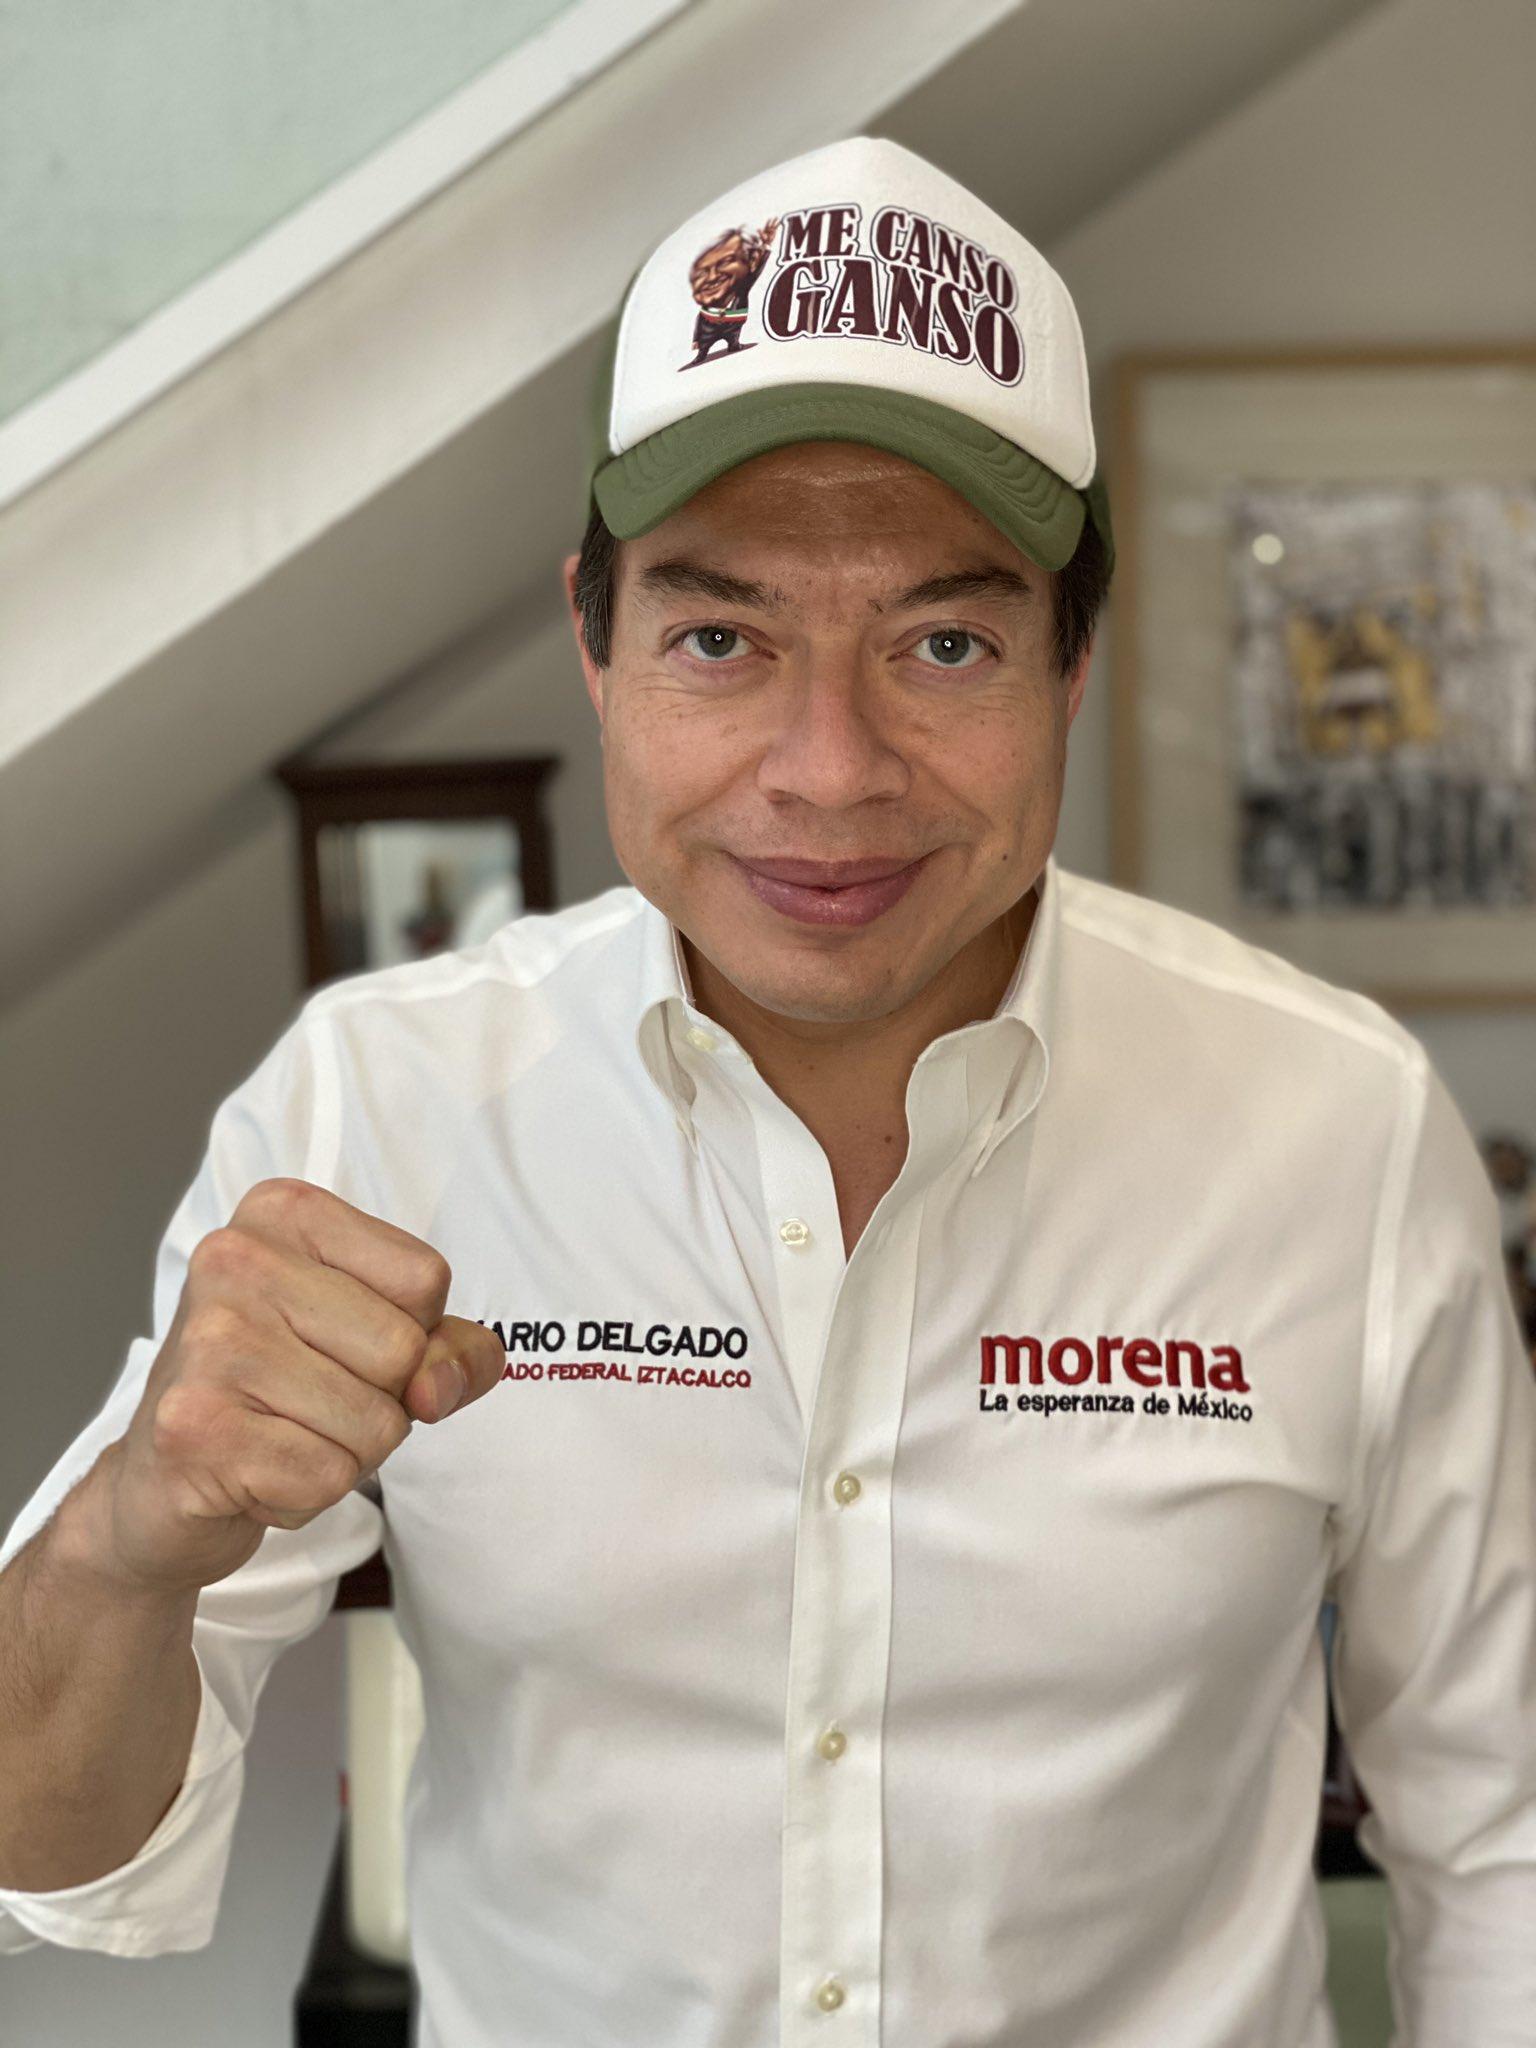 Mario Delgado